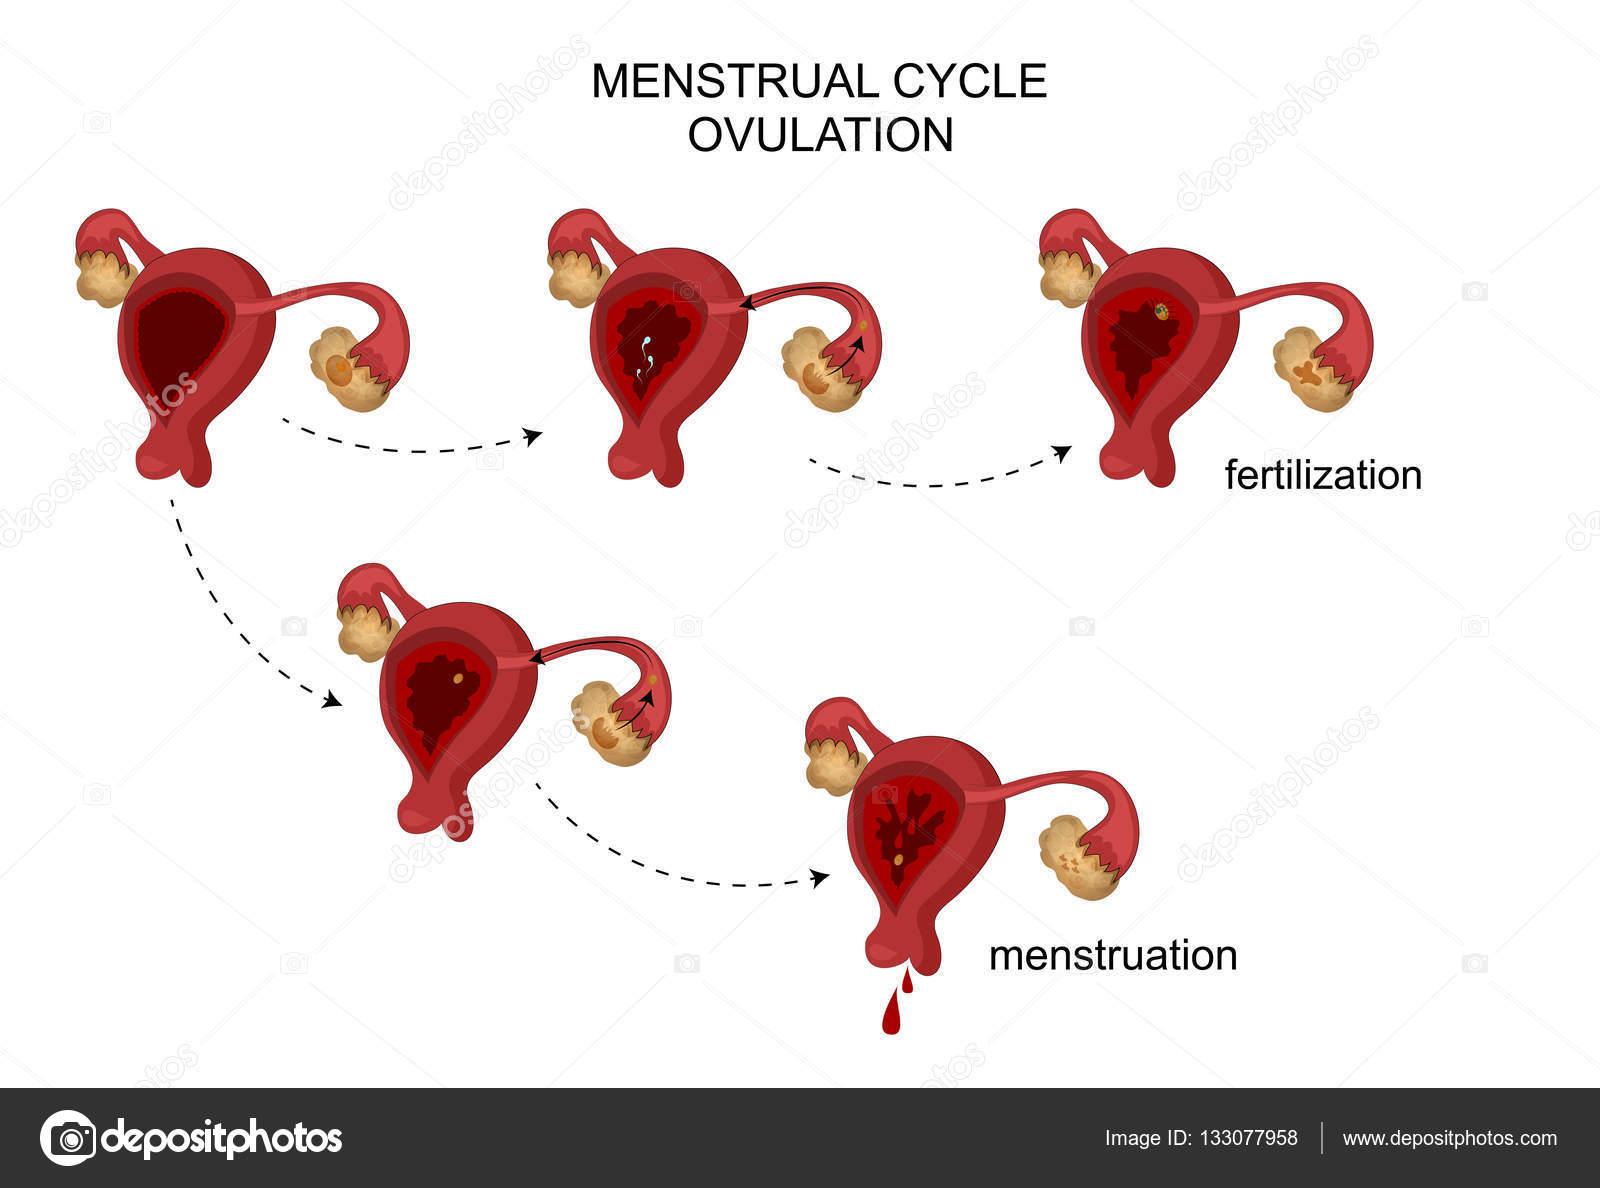 los órganos reproductores femeninos. Ciclo menstrual — Archivo ...